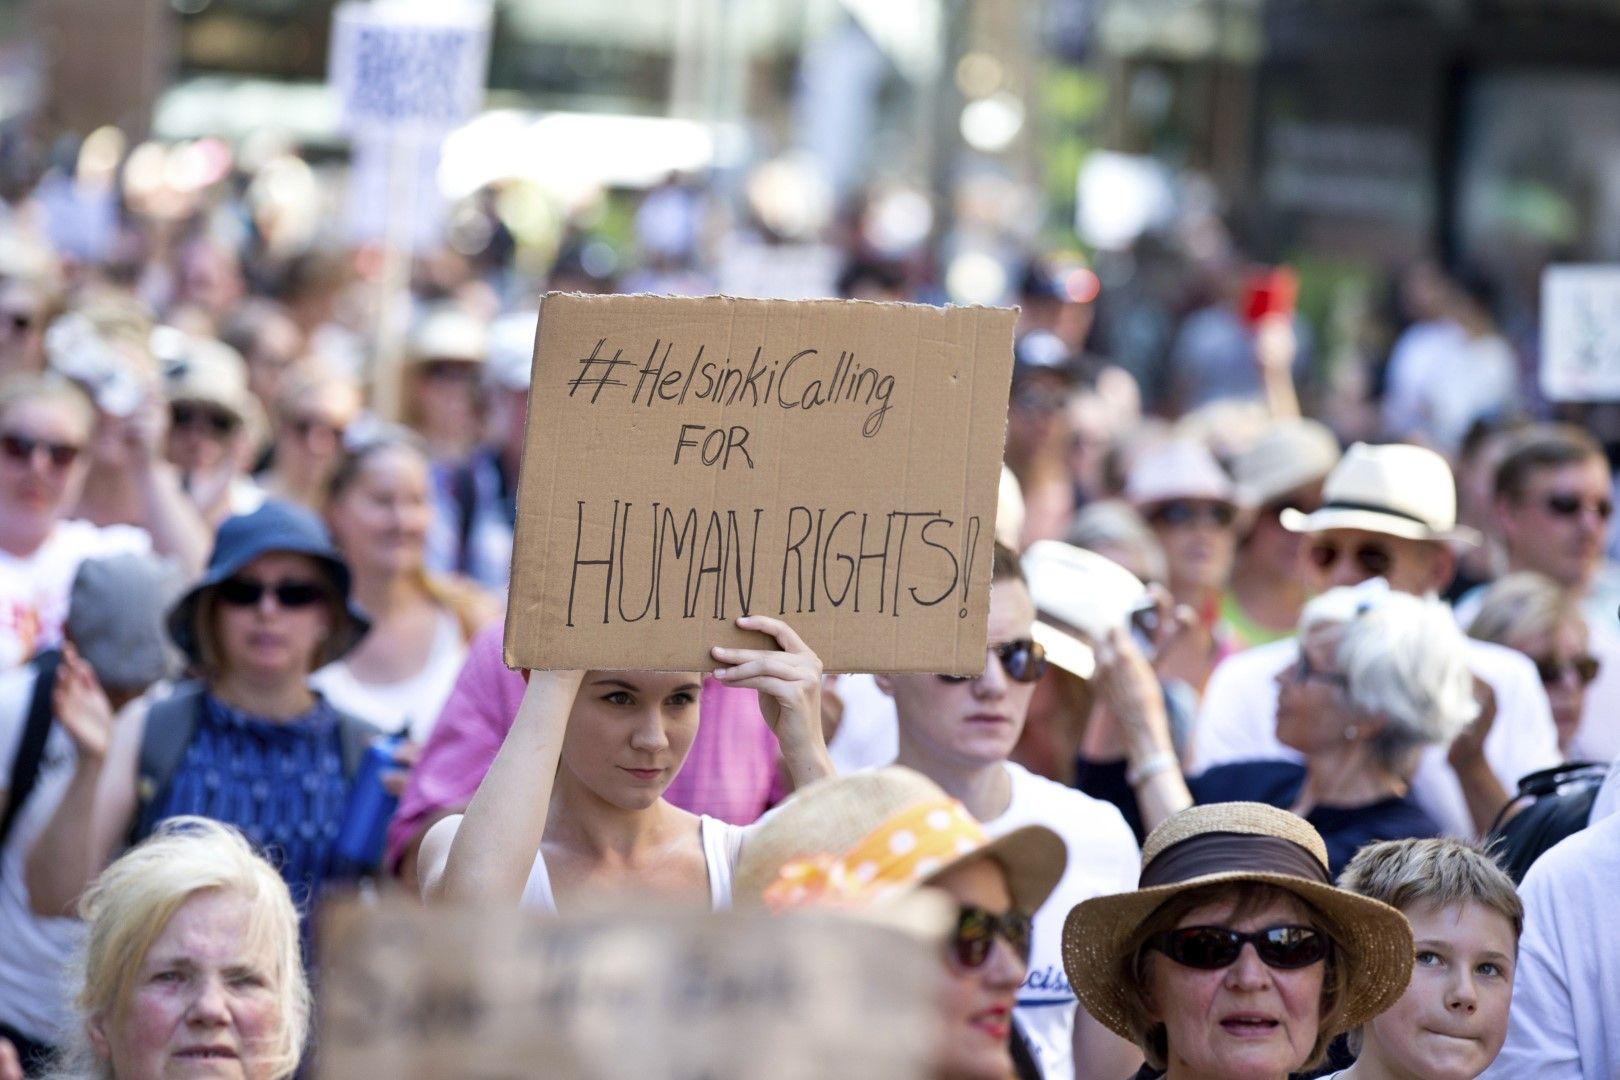 За днес в Хелзинки са предвидени 13 протестни акции